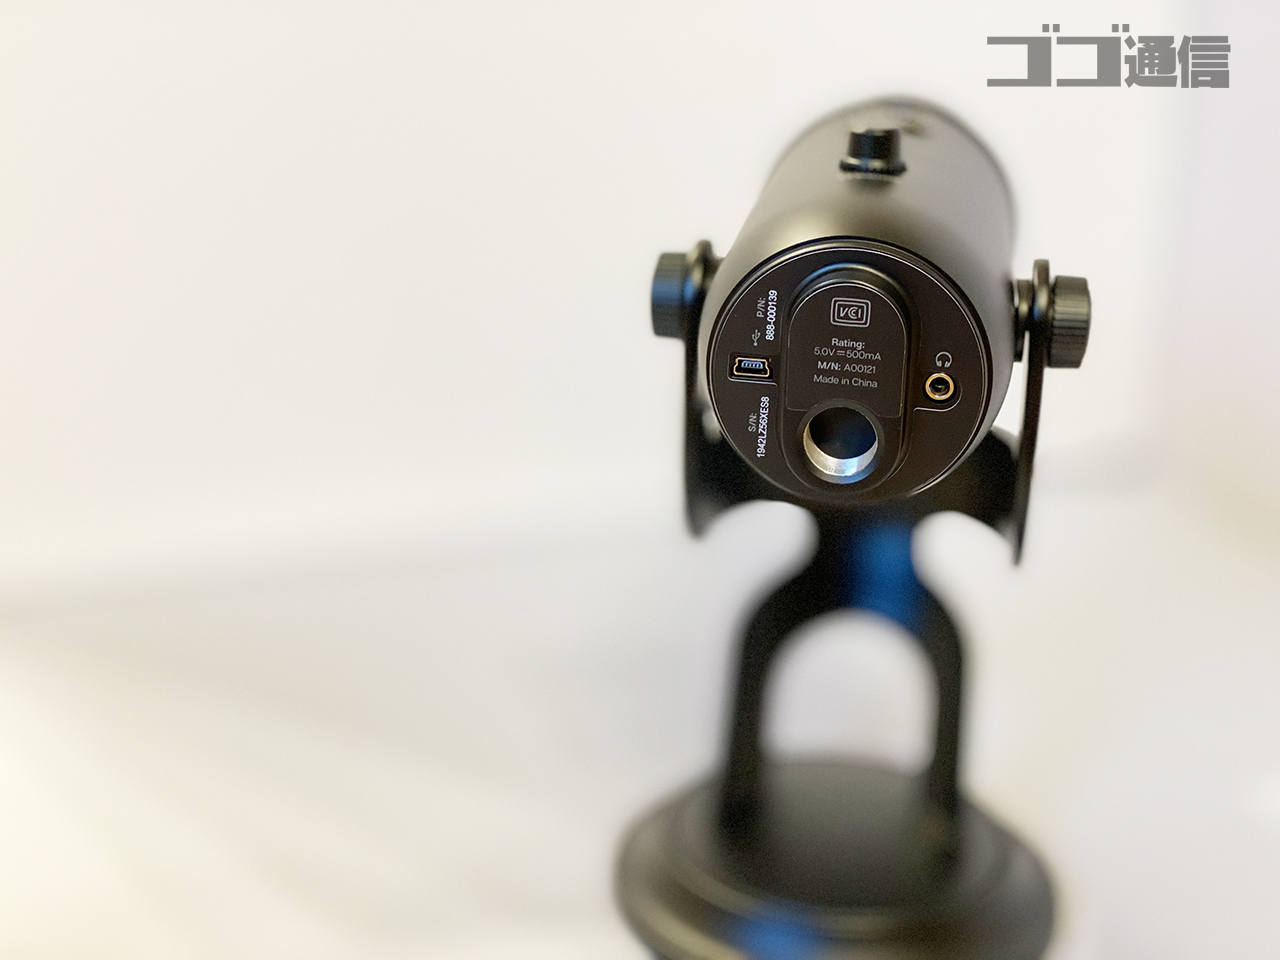 003 2 - ロジクールのUSBコンデンサーマイク『Yeti』が凄い 4つの録音パターンに切り替え可能!